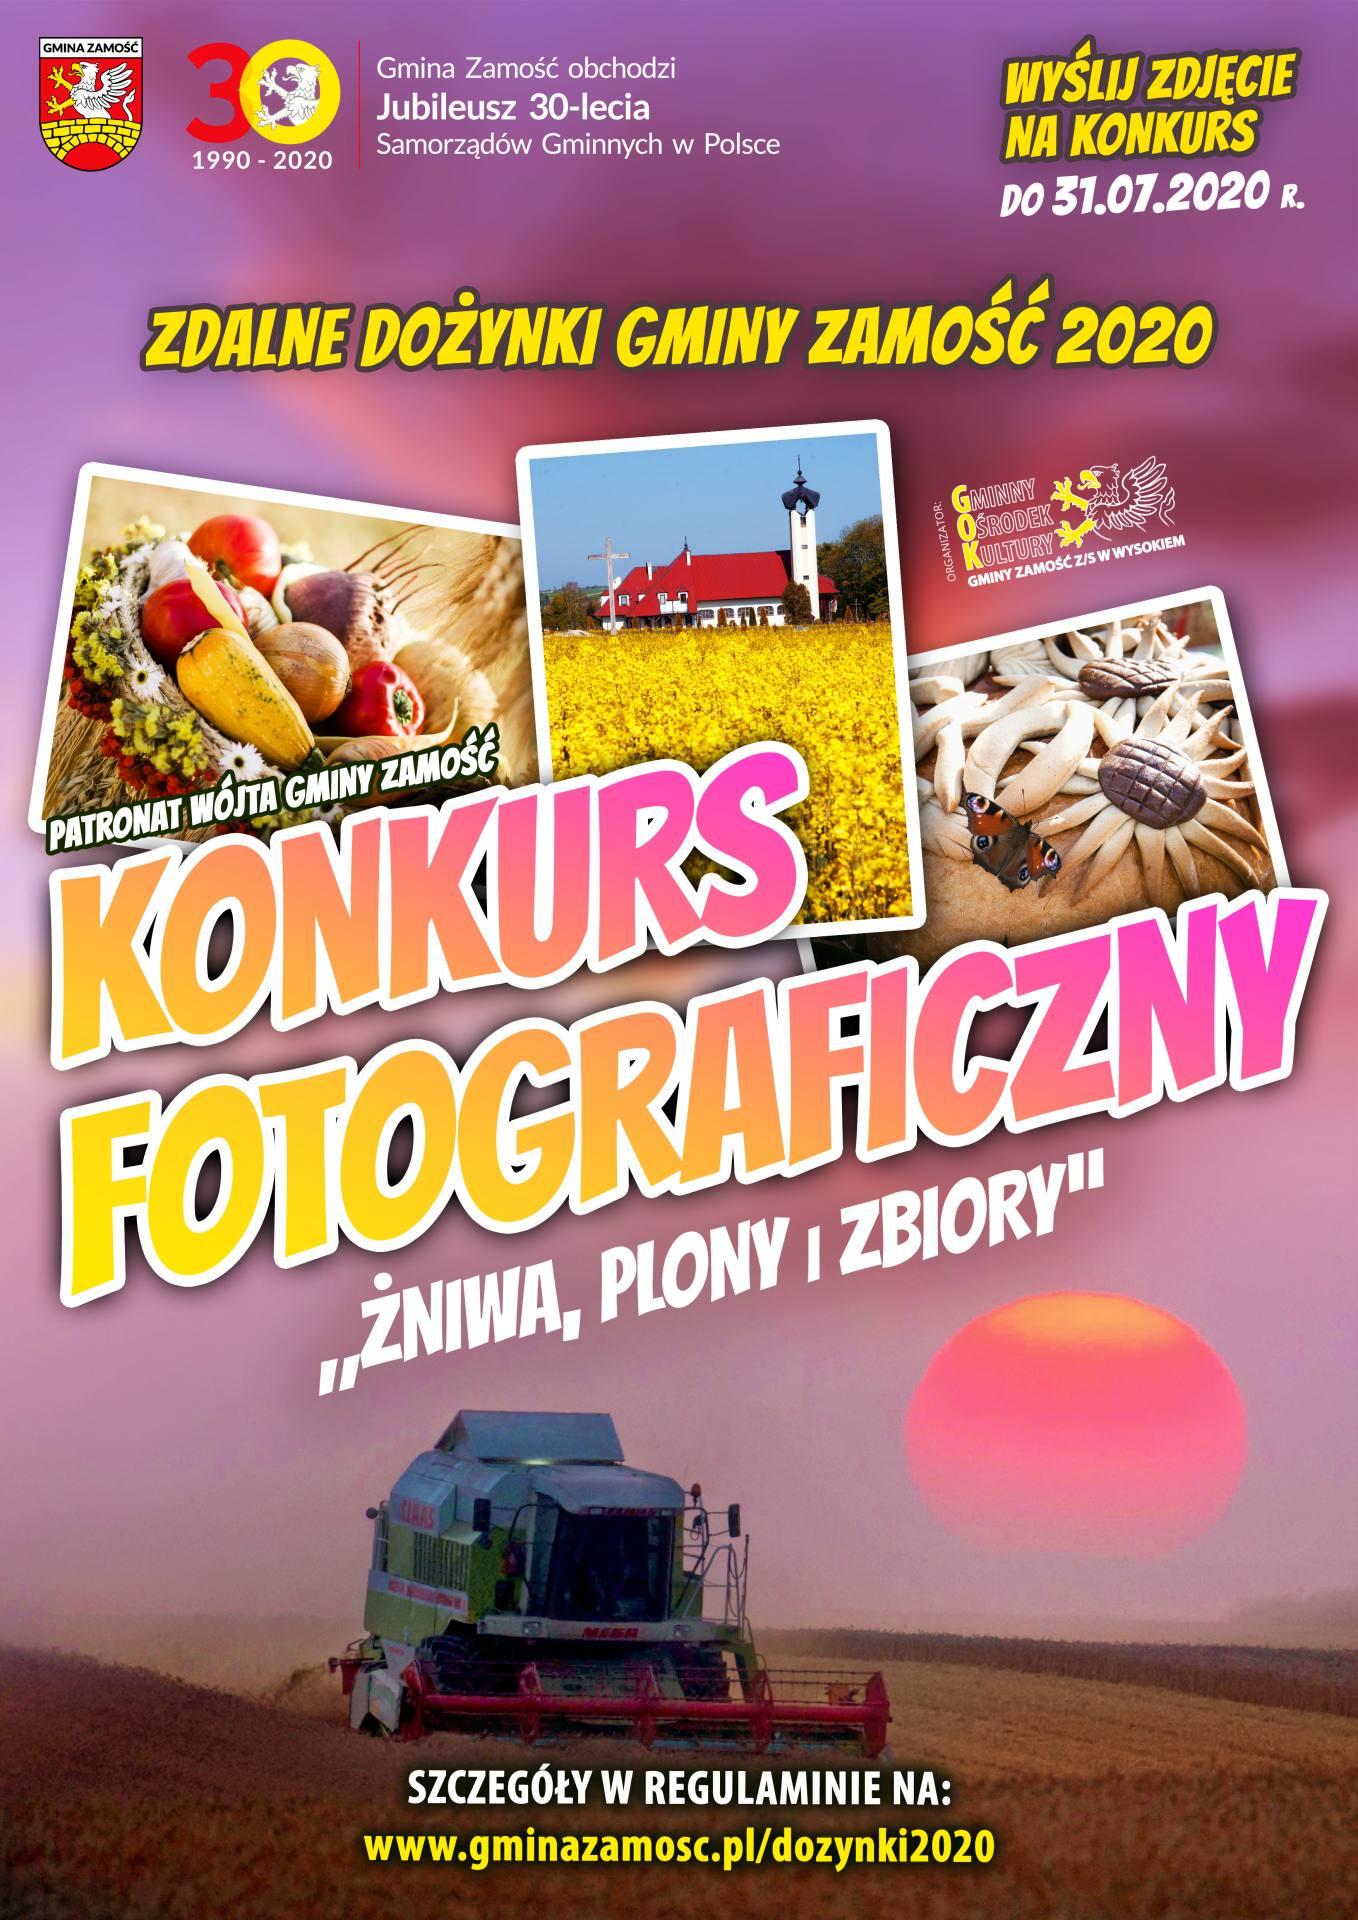 plakat konkursu foto 2020 dla mieszkaac284cac2b3w gminy zamoac29bac287 Dożynkowy Foto-Konkurs w Gminie Zamość. Pula nagród 2000 zł